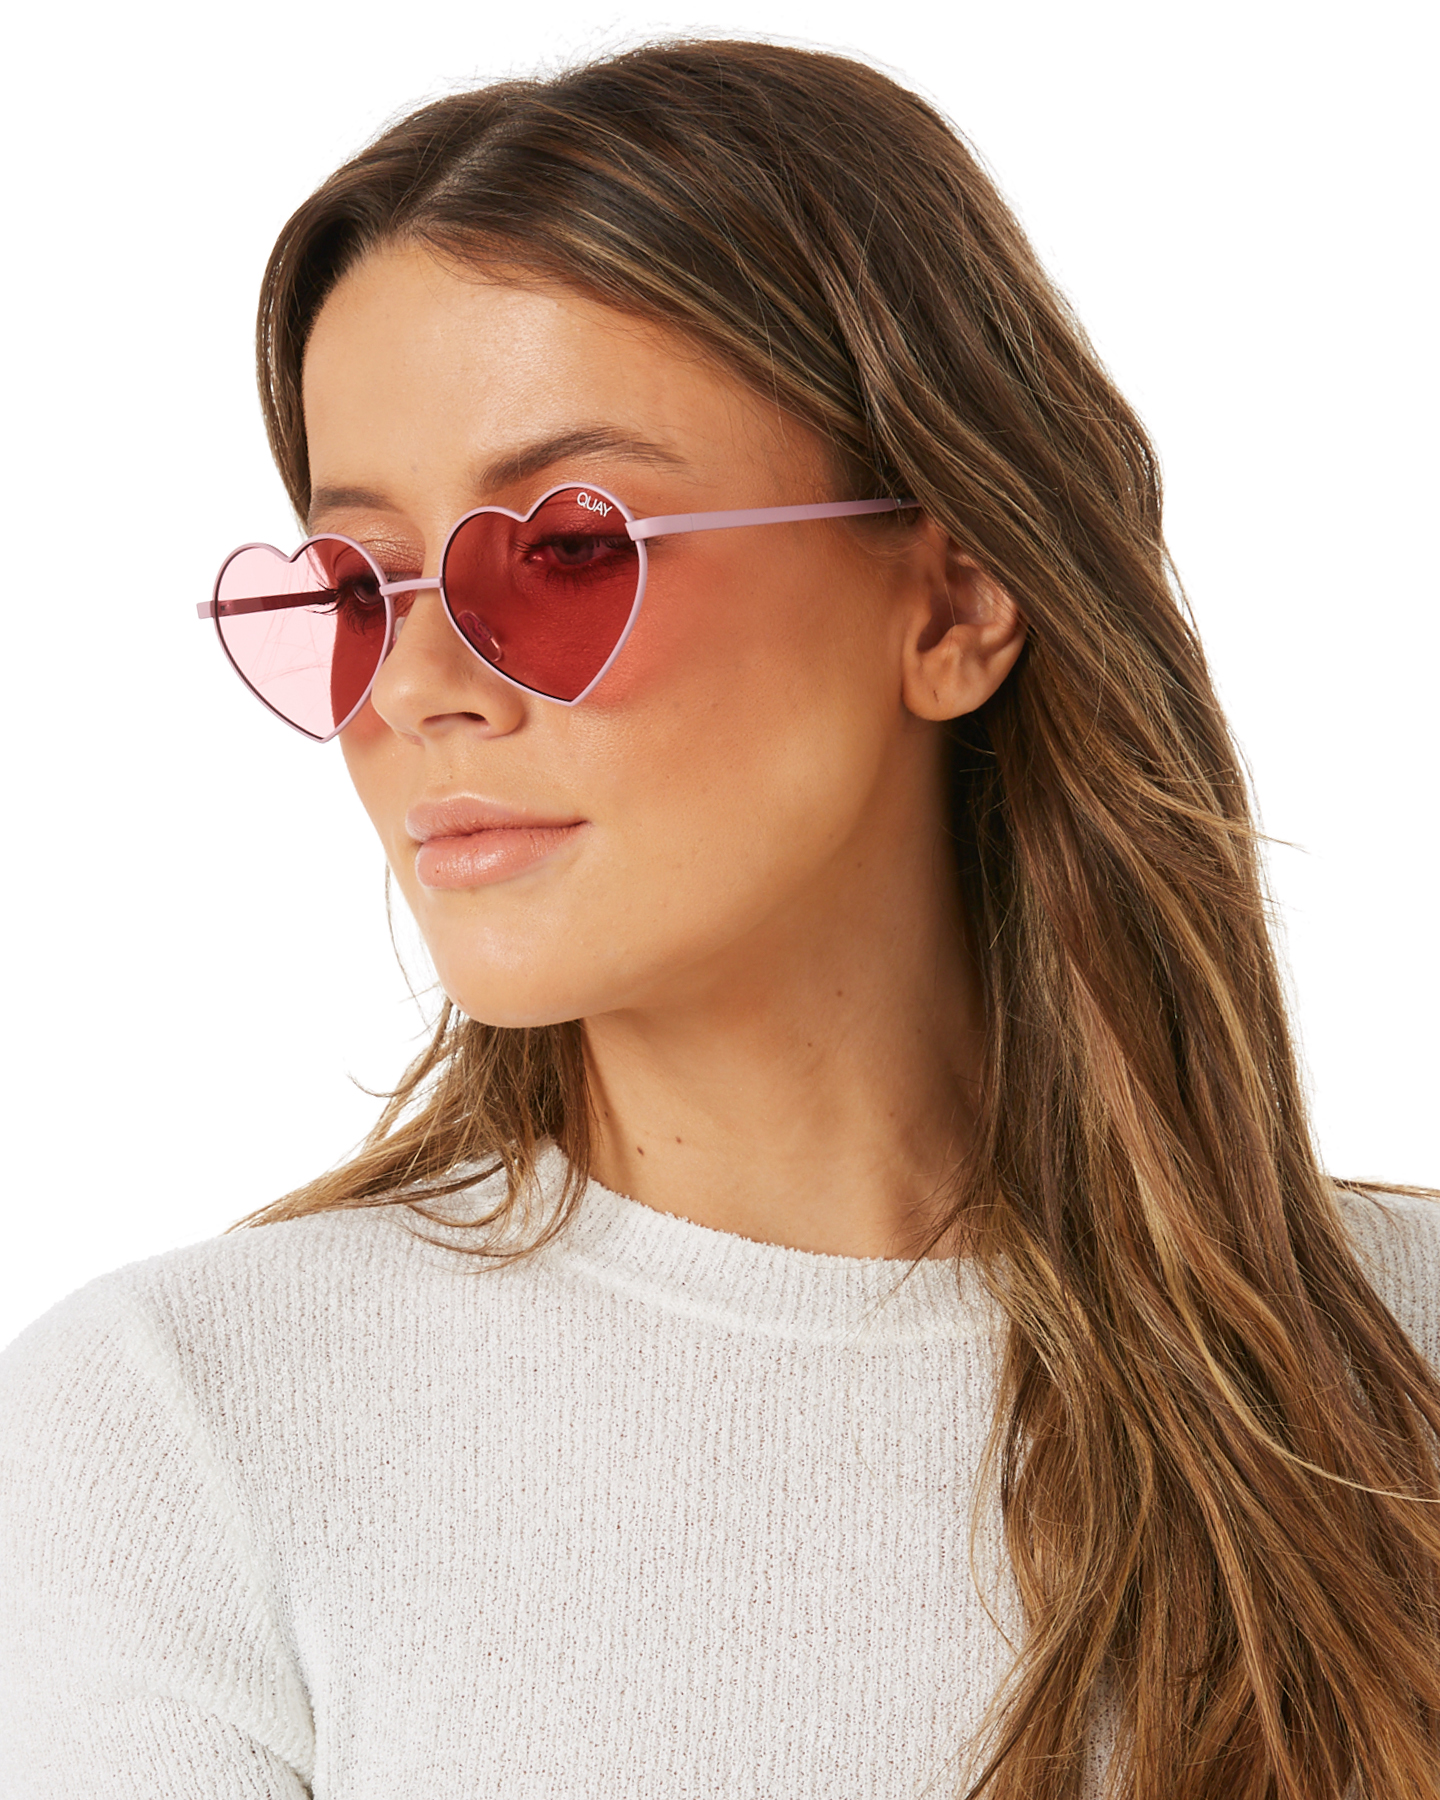 6f8c1479289f6 Quay Eyewear Women s Heartbreaker Sunglasses Stainless Steel Glass Pink